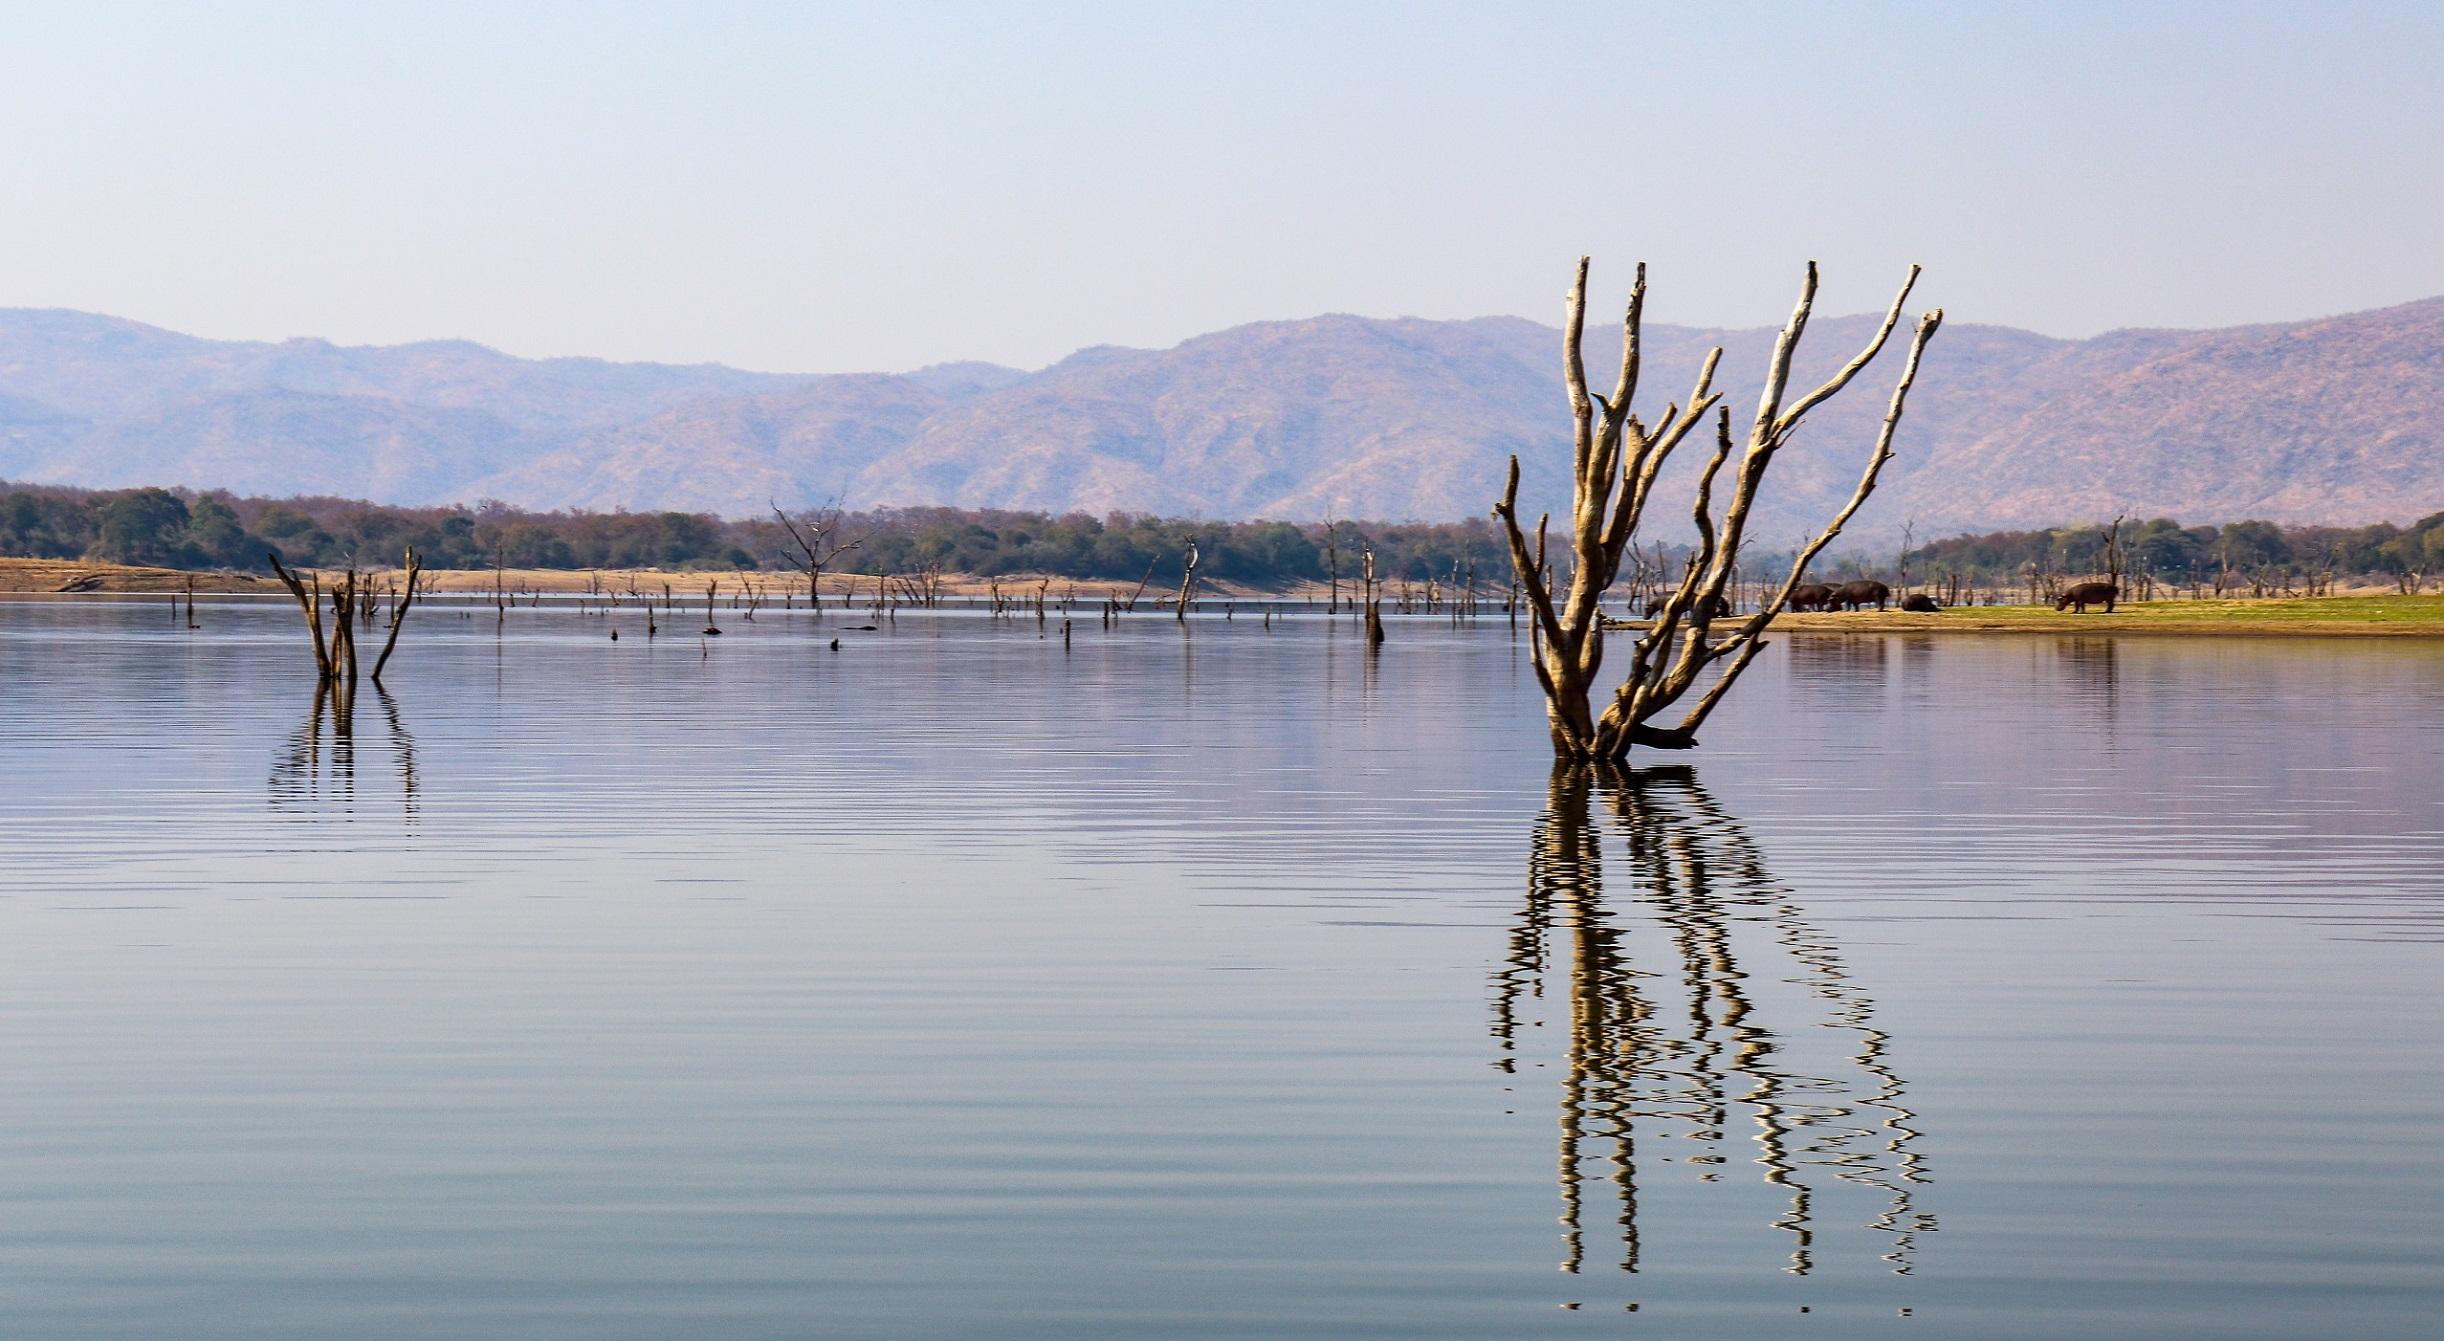 lake kariba, zimbabwe, croisieurope, cruise